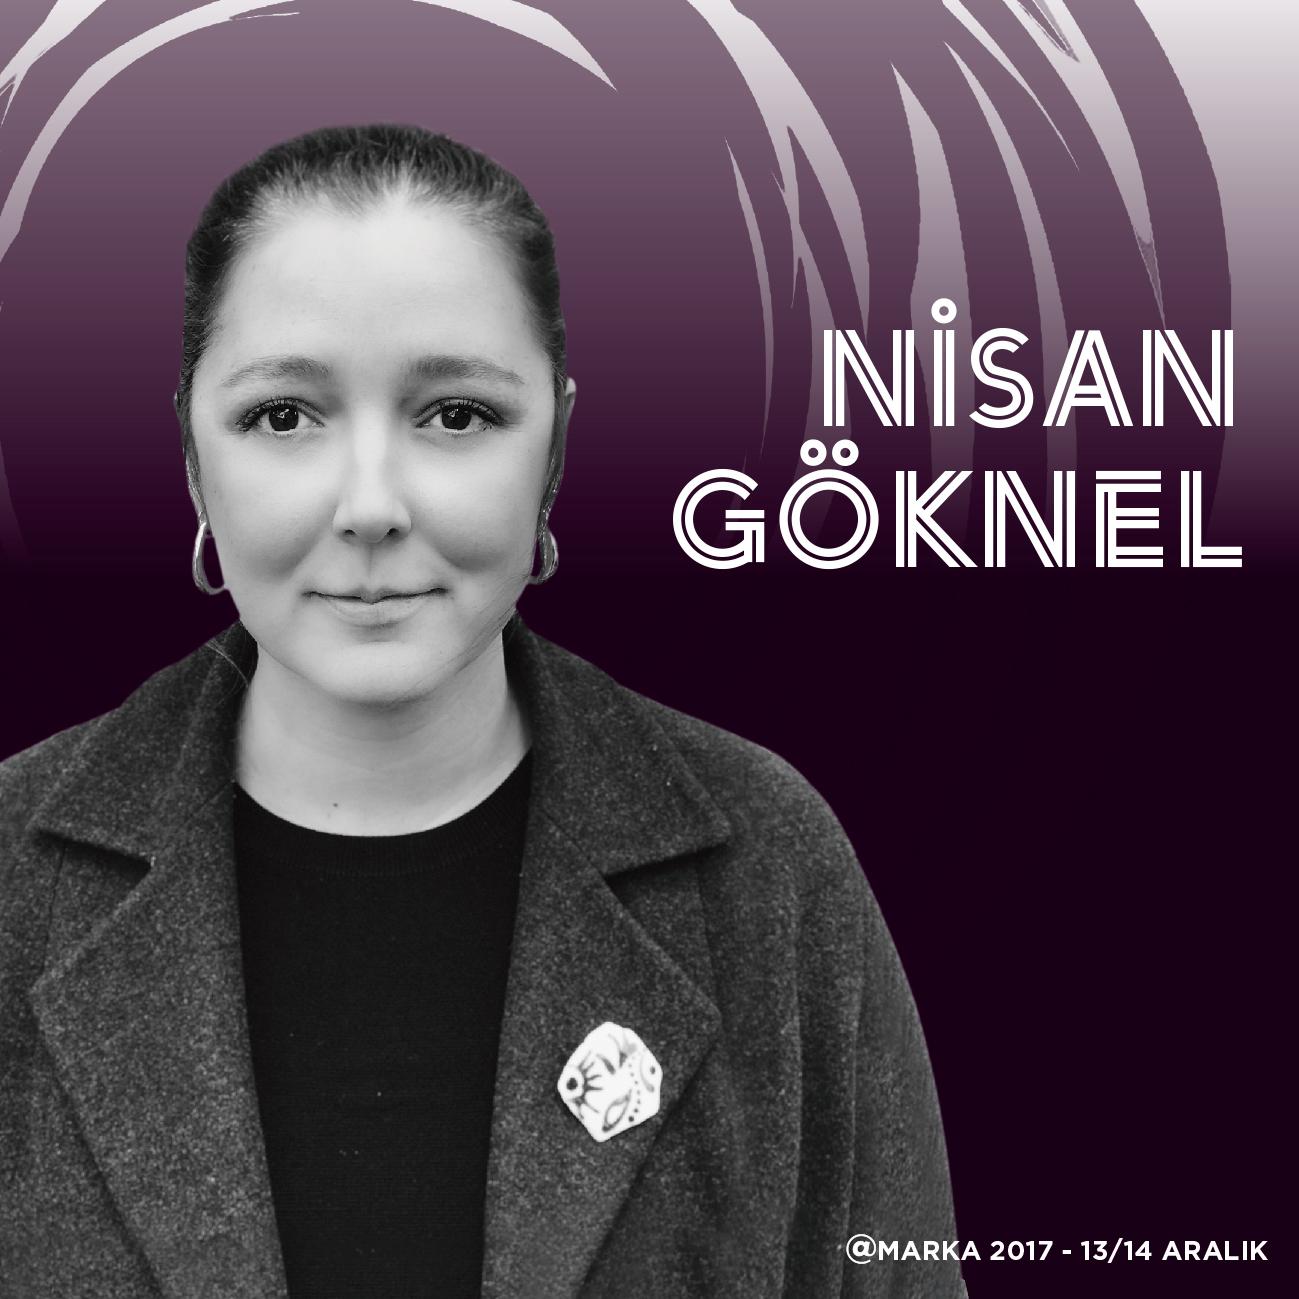 NISAN GOKNEL